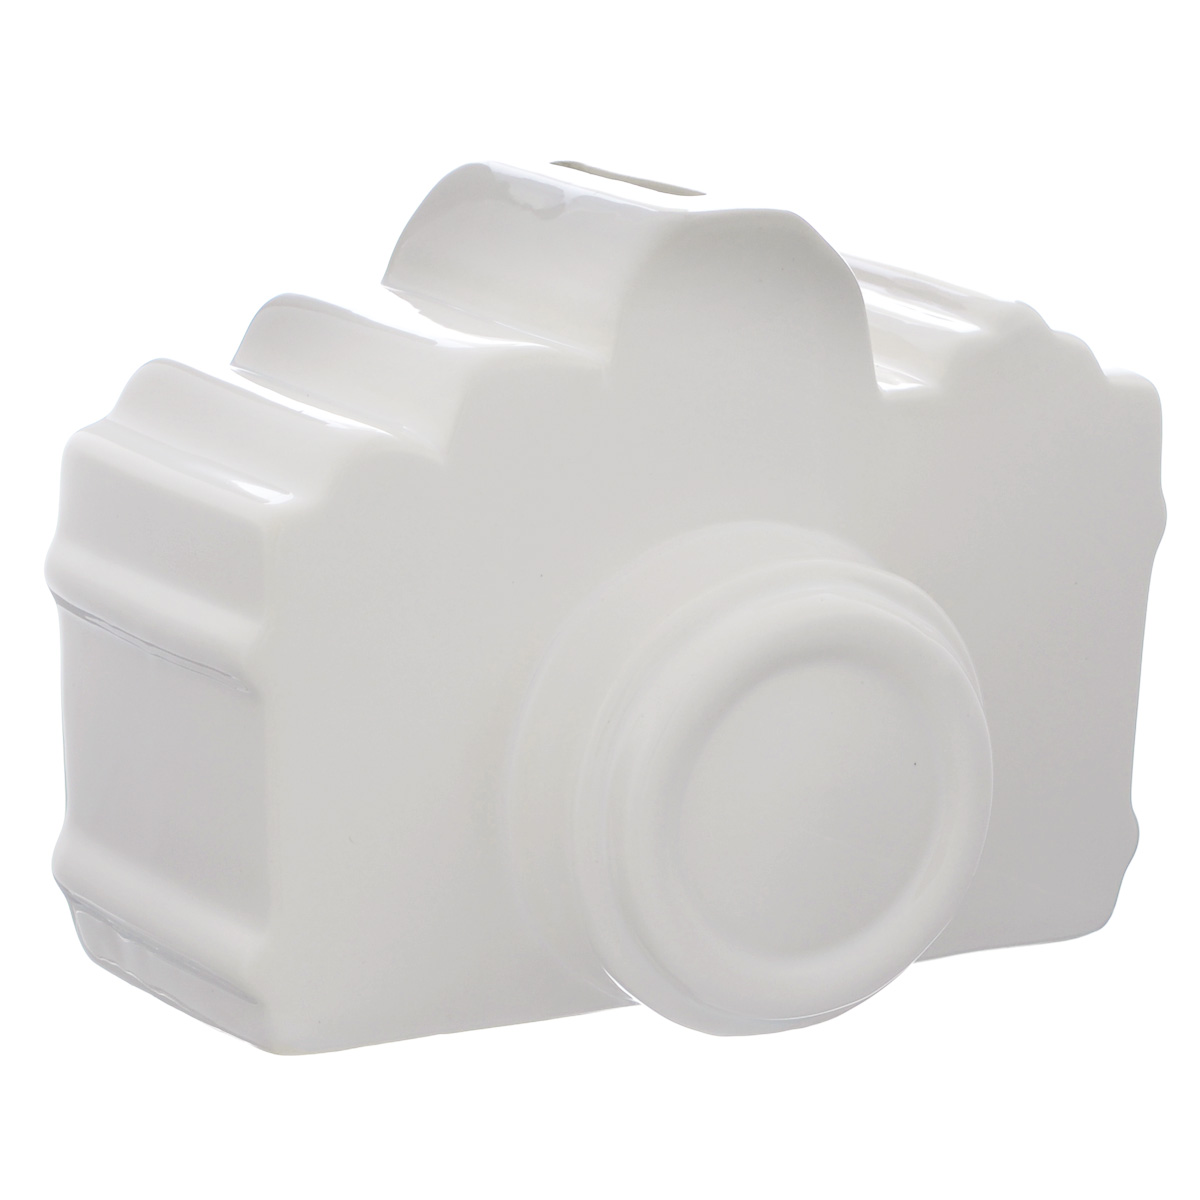 Копилка декоративная Фотоаппарат, цвет: белый